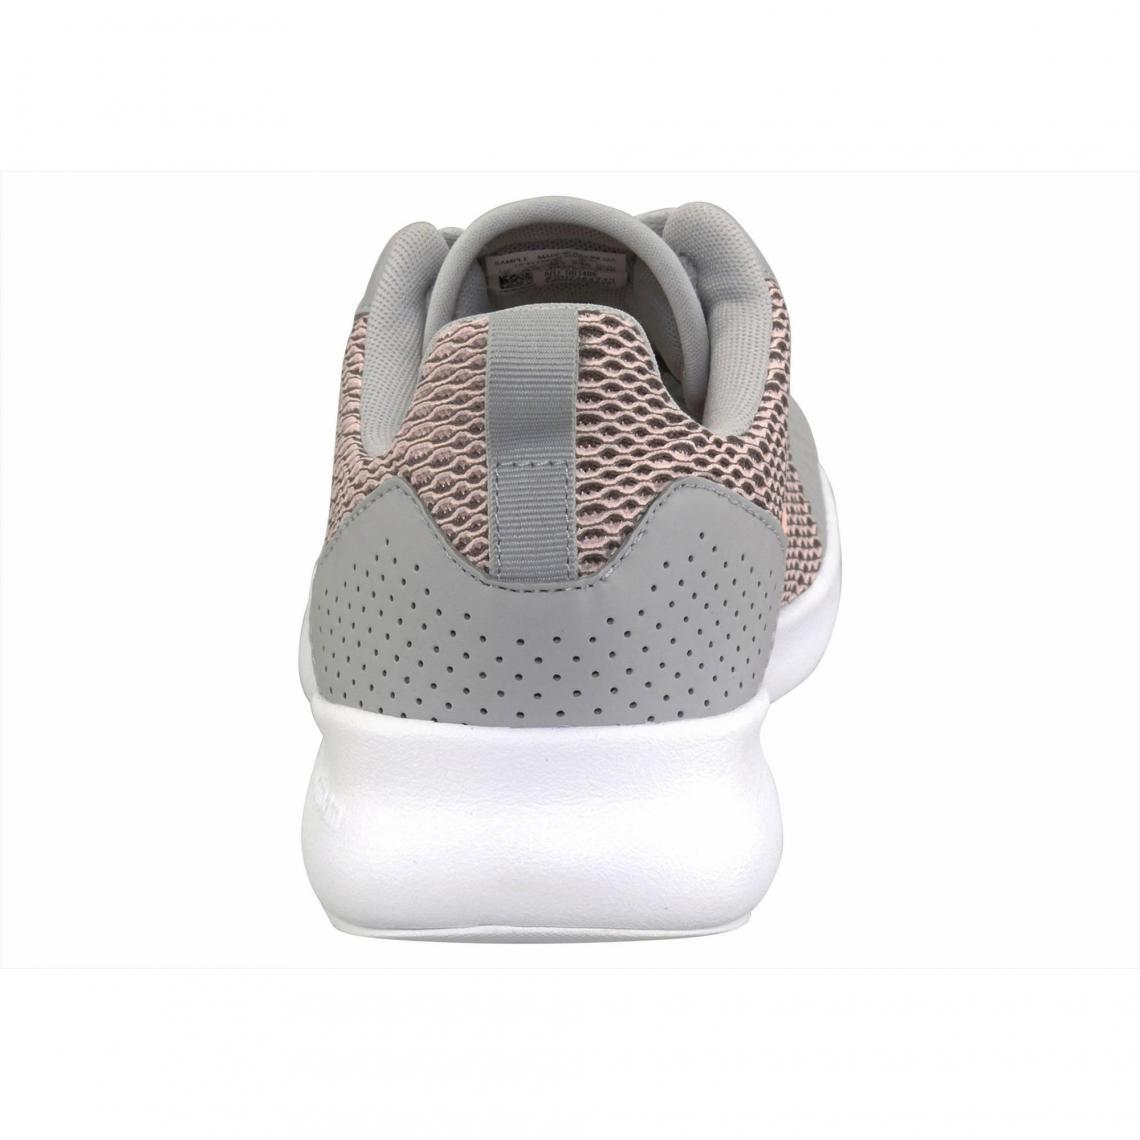 super popular 035b9 1d4e2 Chaussures de running femme adidas Performance Cloudfoam Element Race -  Gris - Rose Adidas